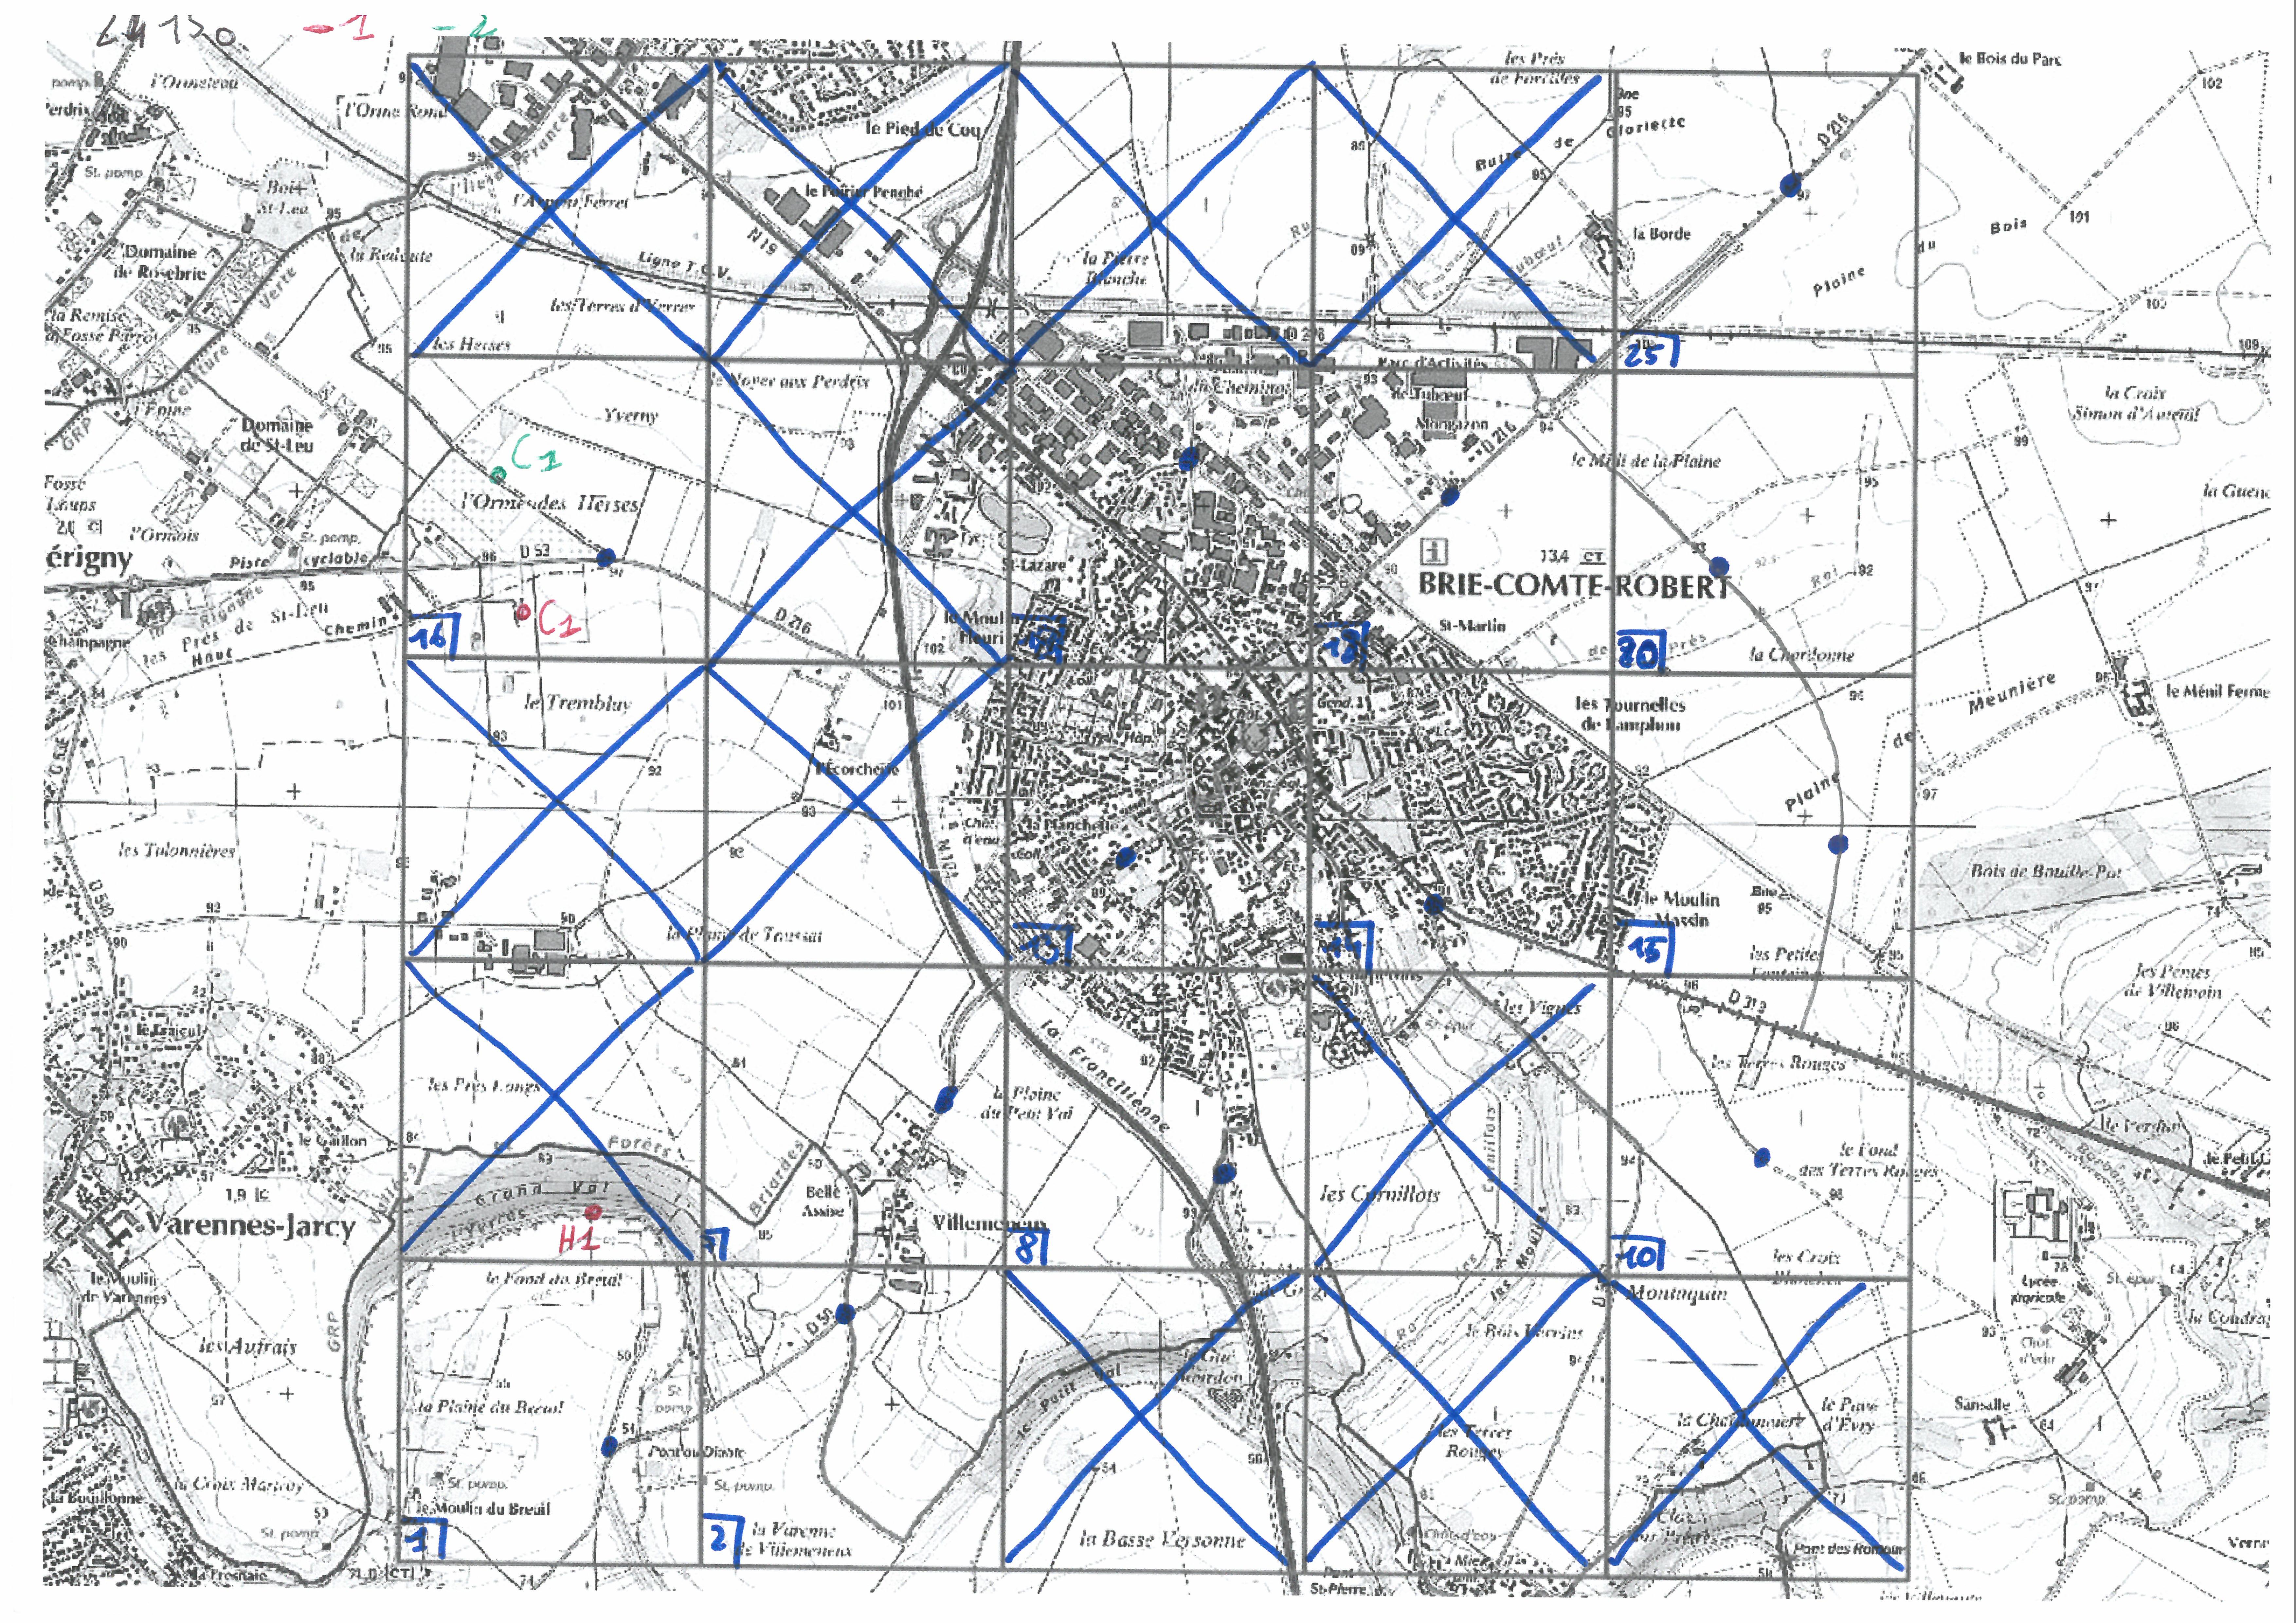 http://files.biolovision.net/observatoire-rapaces.lpo.fr/userfiles/EnquteRapacesNocturnes/ExempleCartographie1_1.jpg